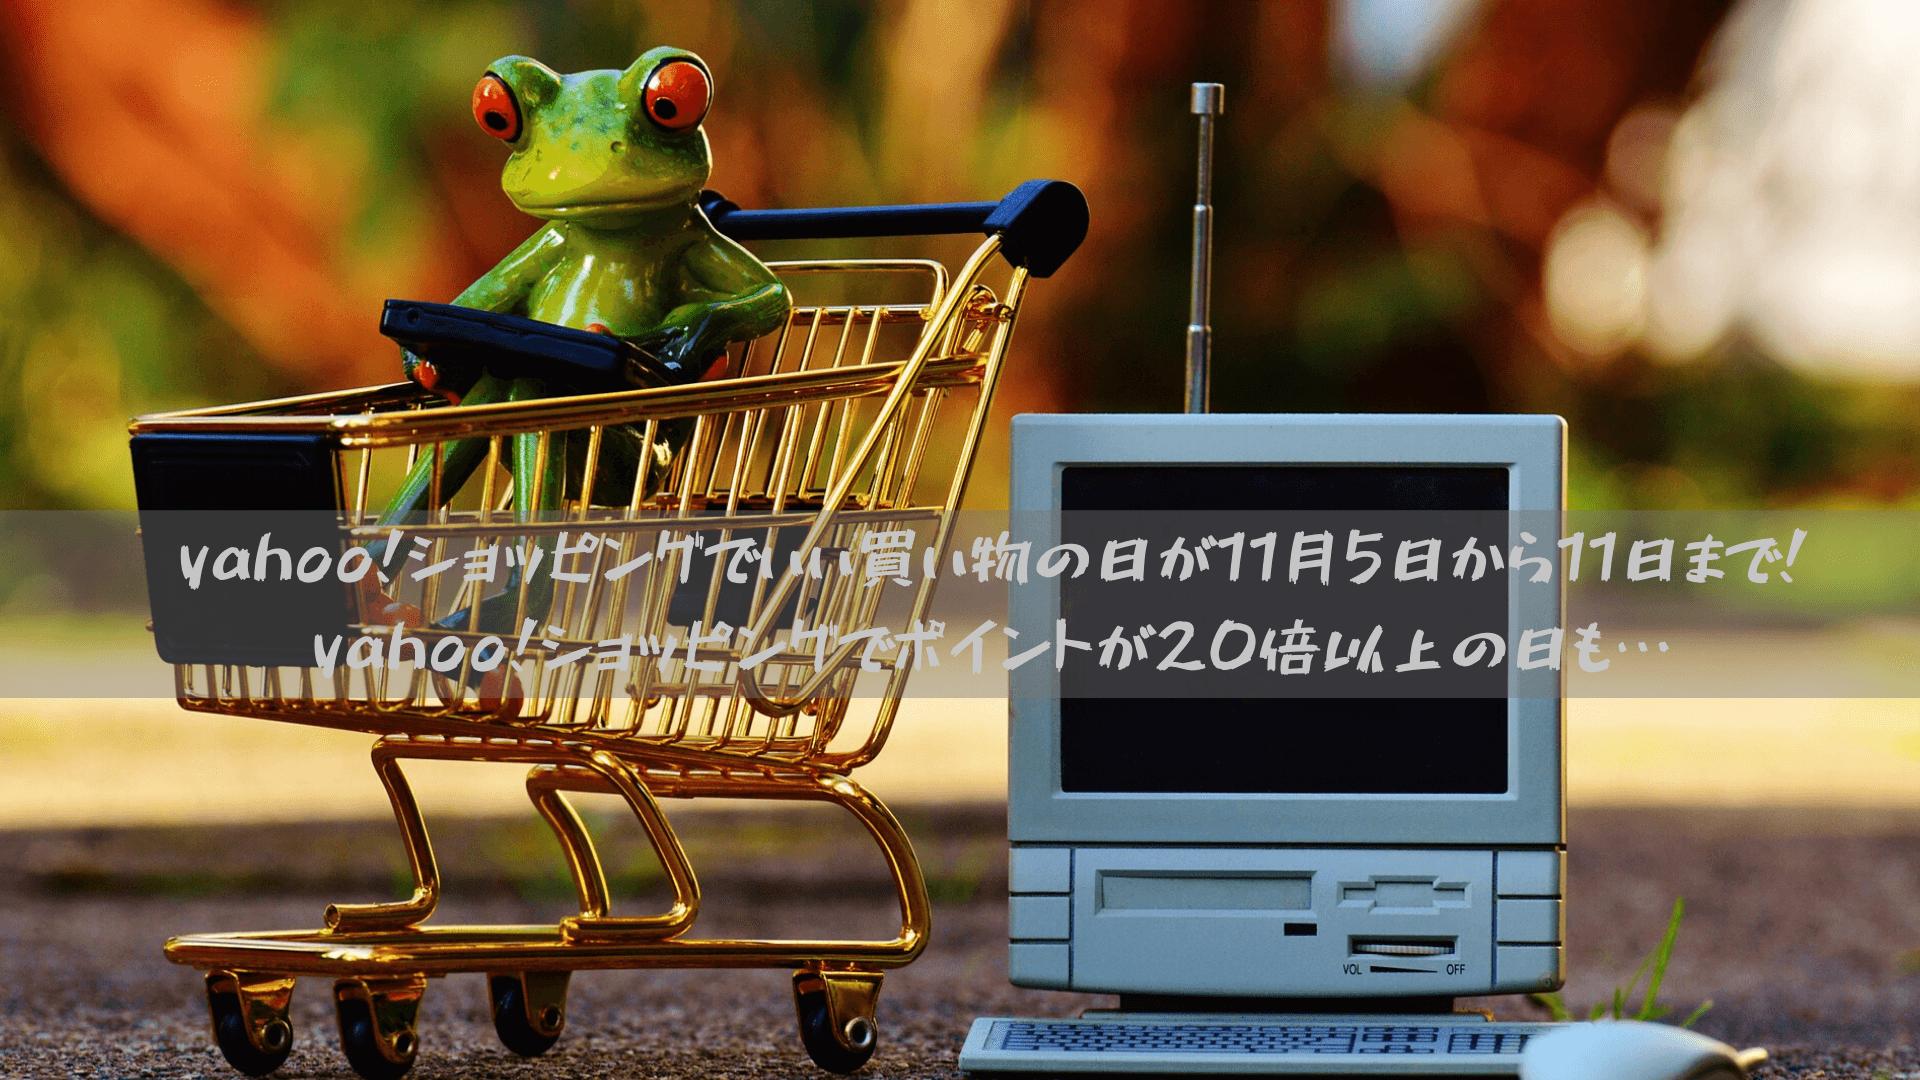 yahoo!ショッピングでいい買い物の日が11月5日から11日まで!yahoo!ショッピングでポイントが20倍以上の日も…